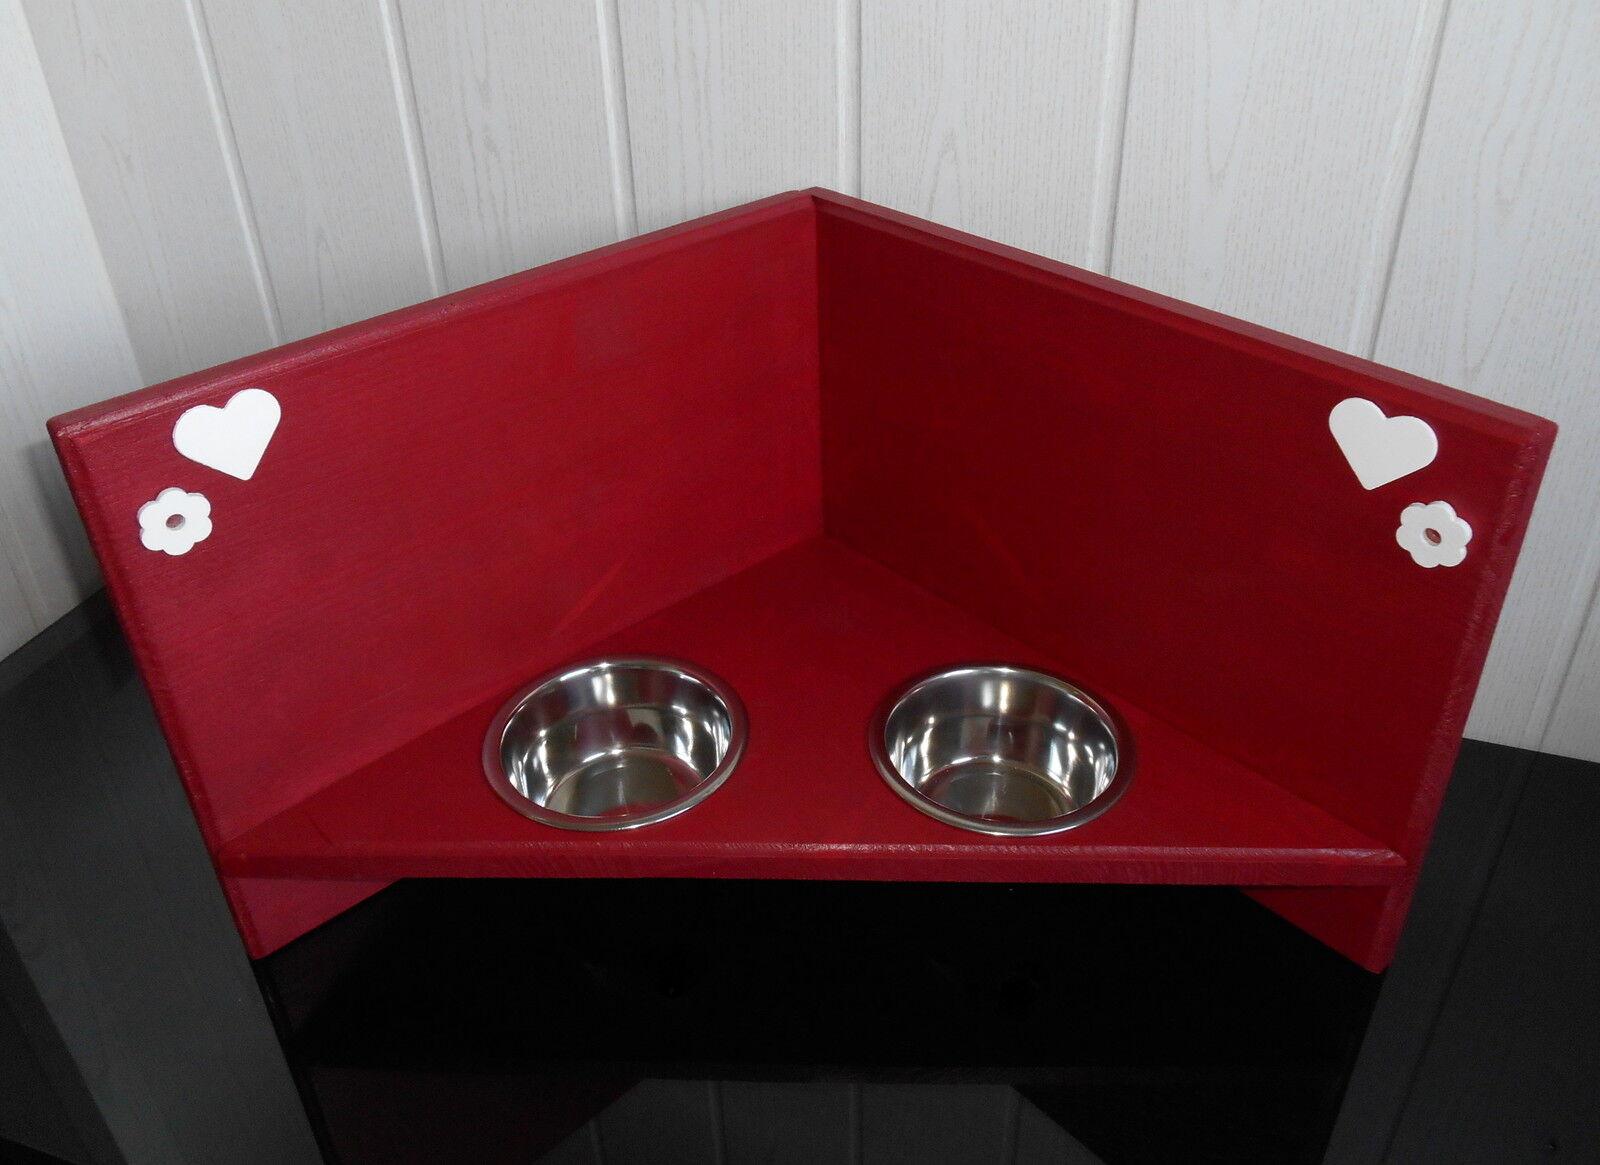 Hundenapf   Hundebar   Futternapf   Ecklösung  Futterbar, Näpfe, in rot  (414)